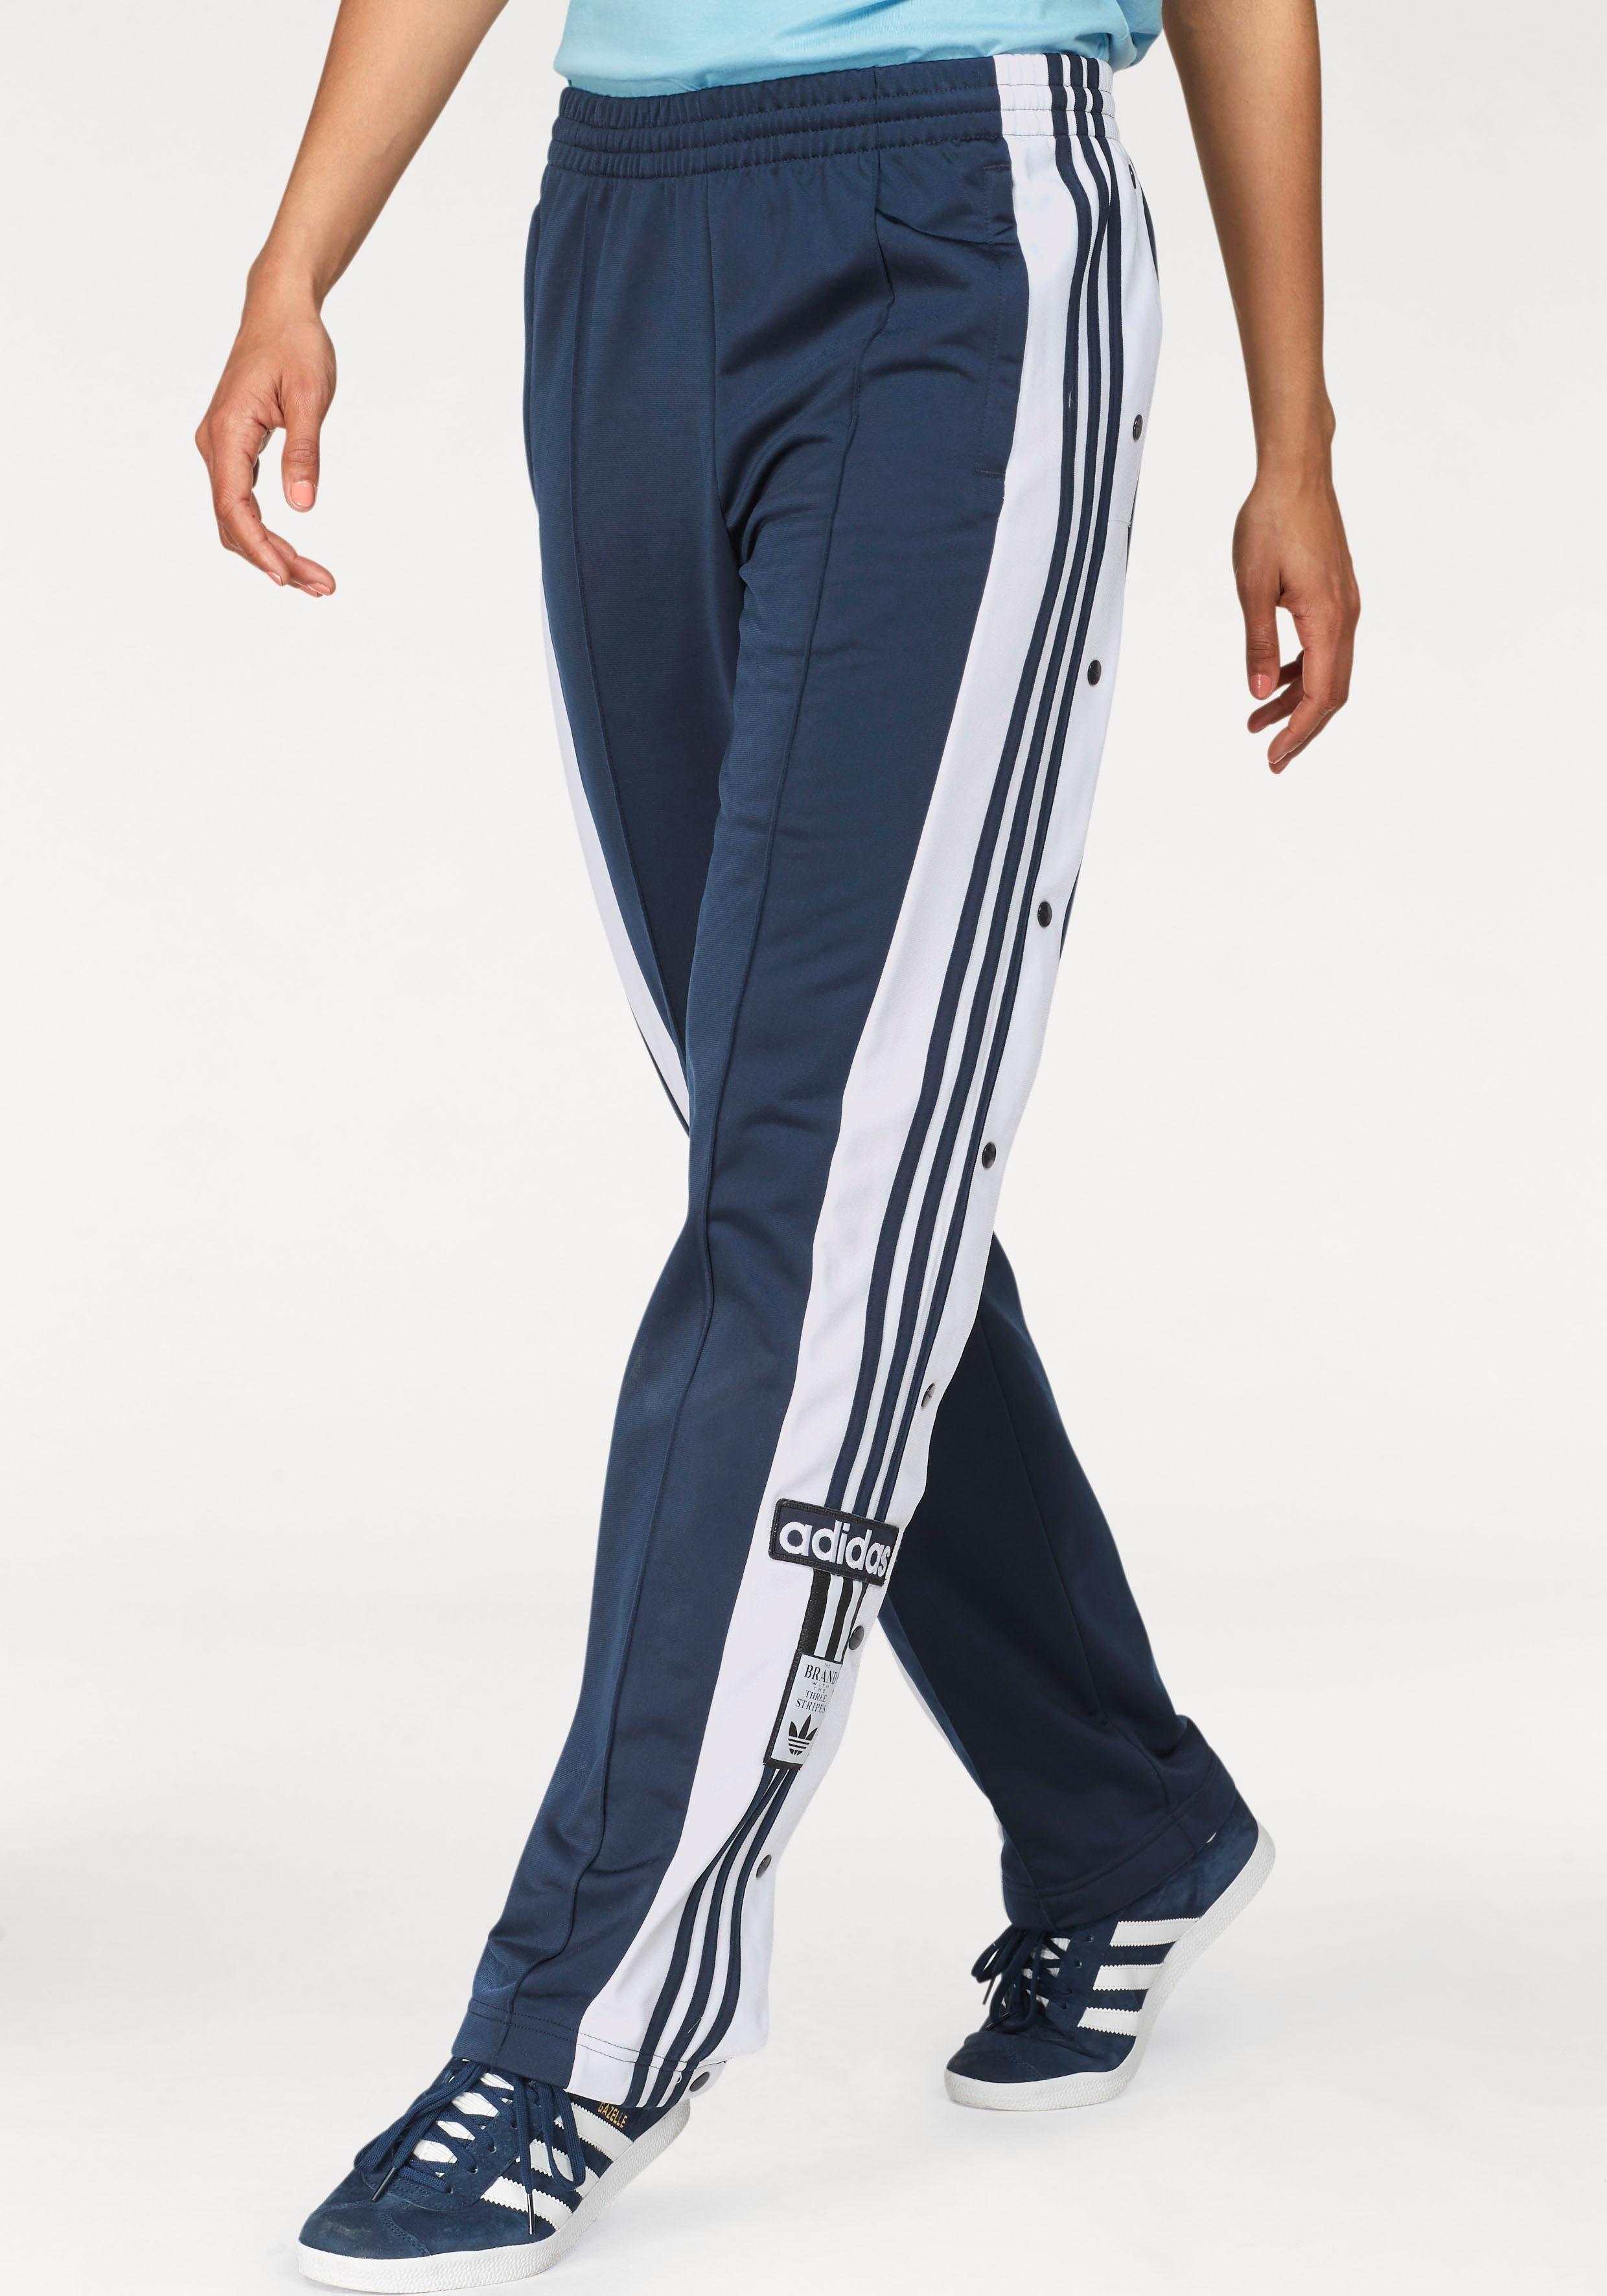 adidas Originals Trainingshose »ADIBREAK PANT«, Weiche, leicht glänzende Interlockware online kaufen | OTTO